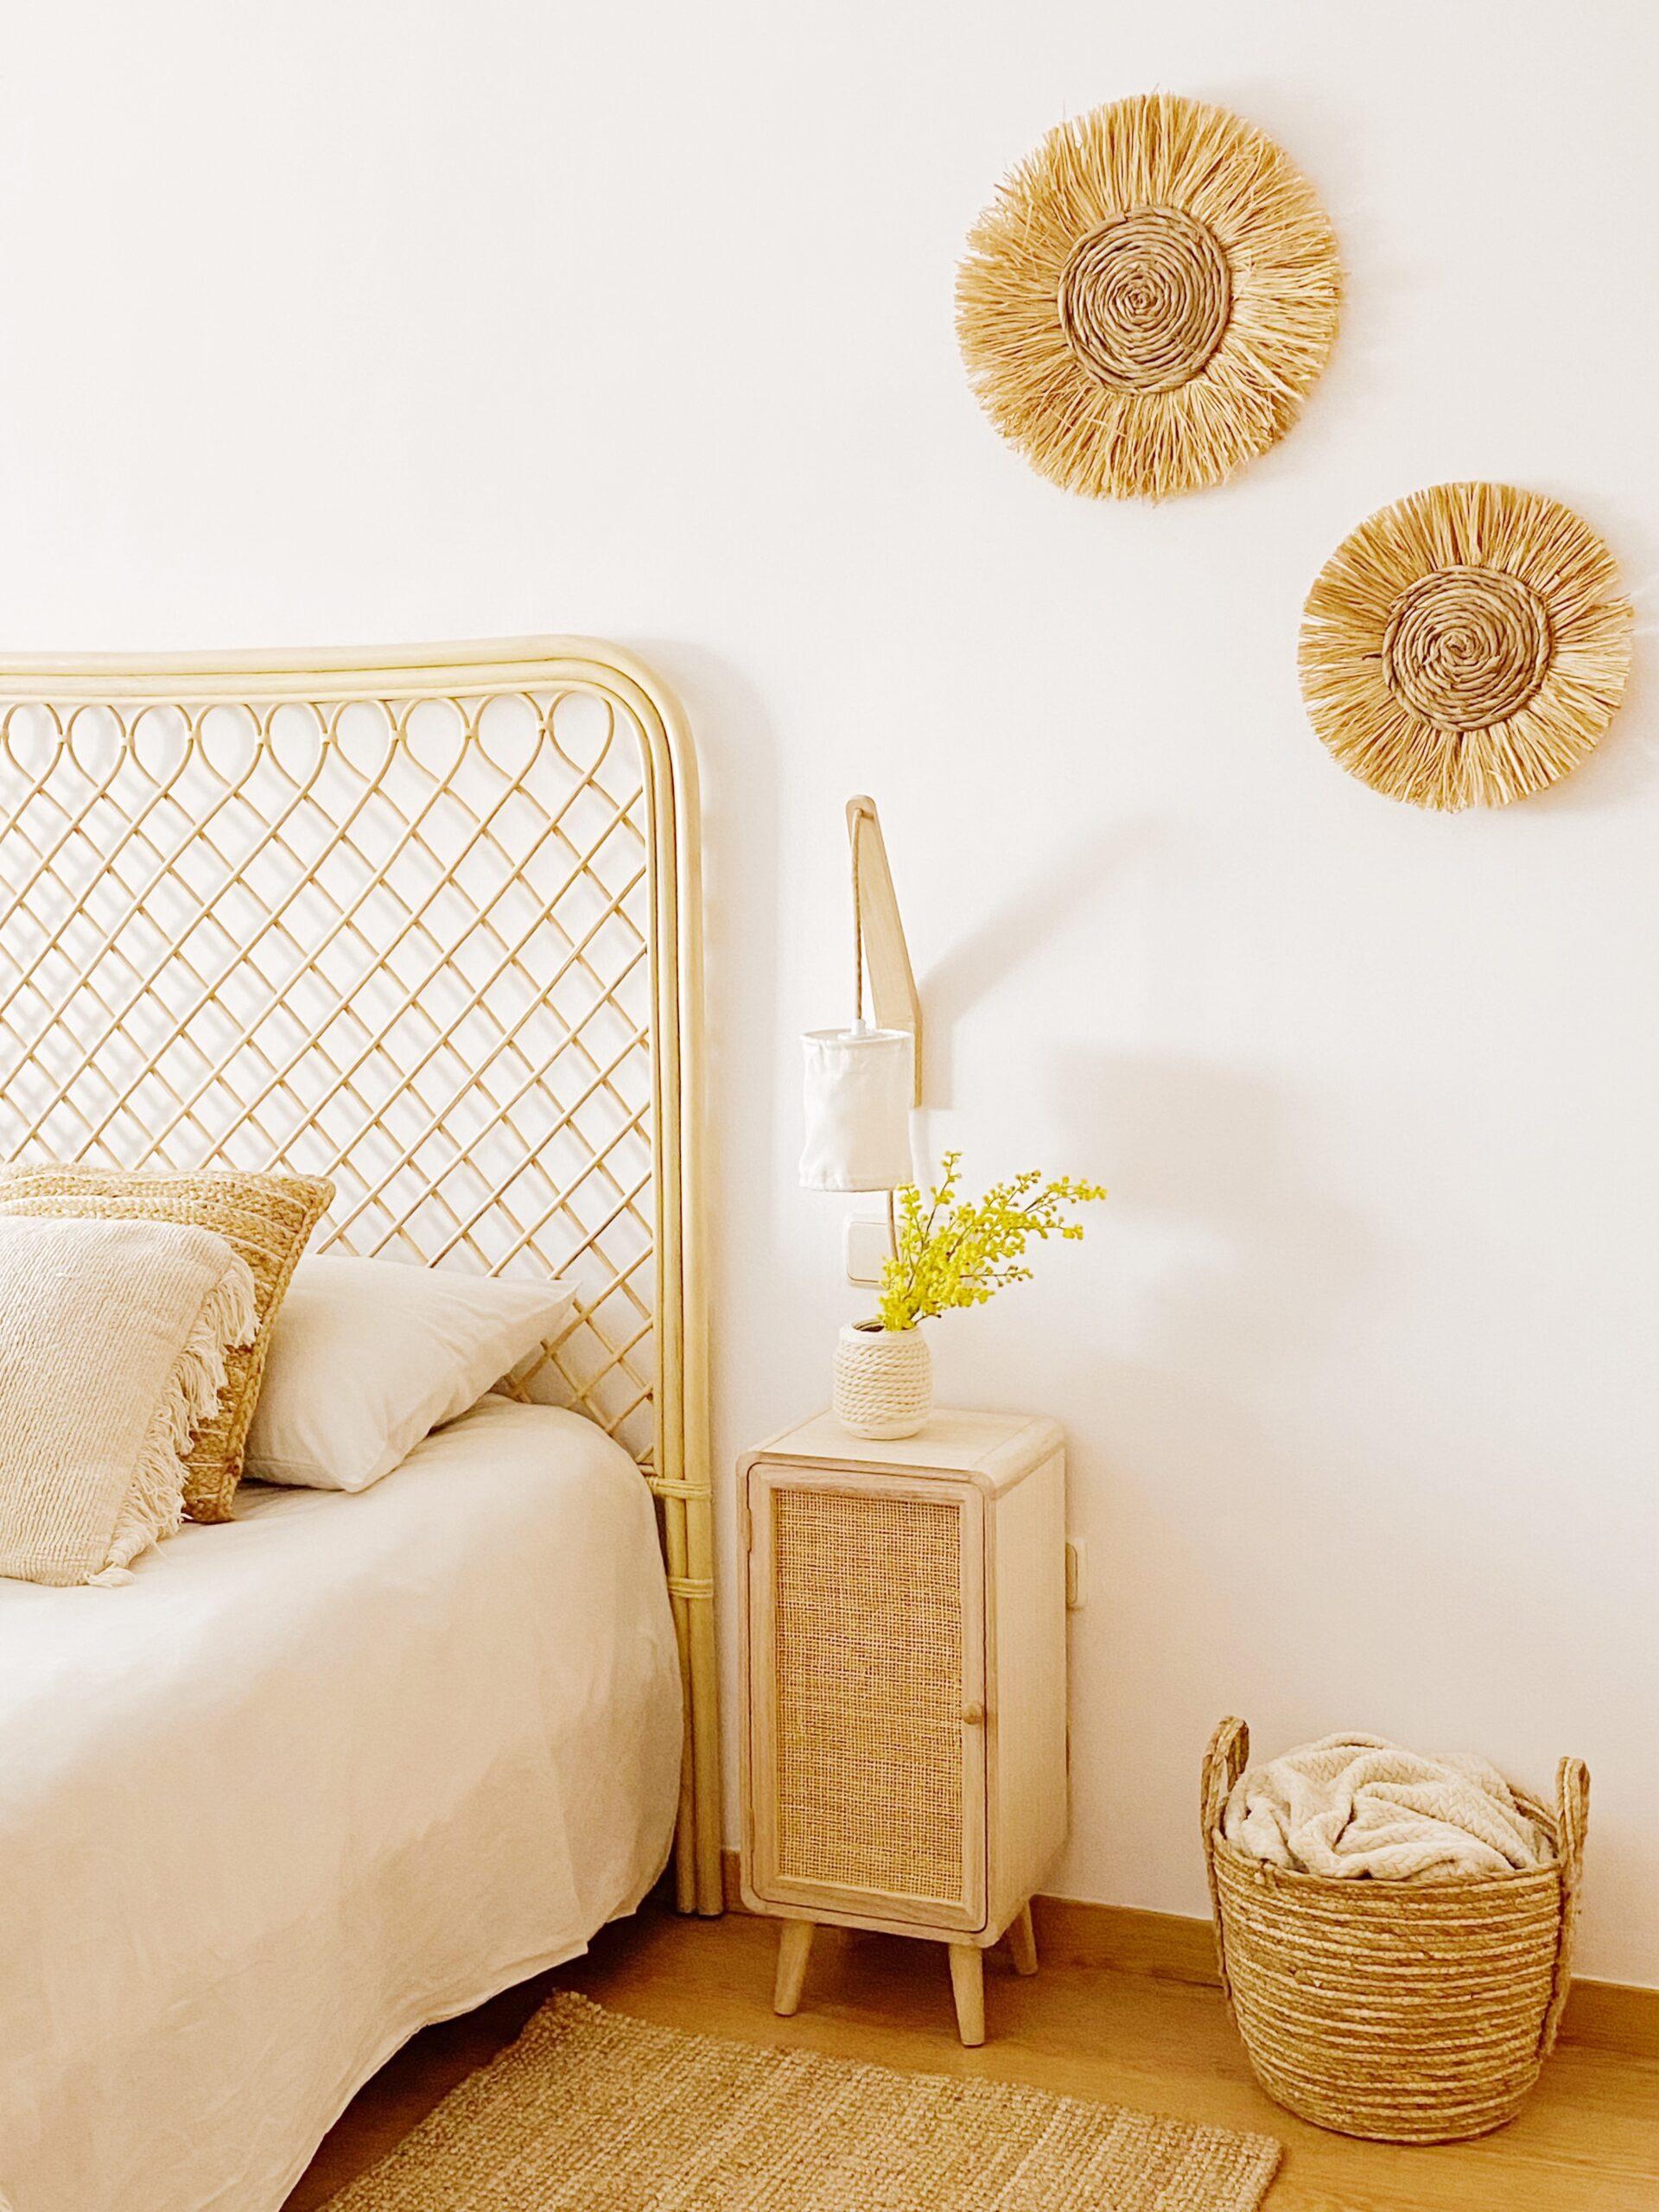 decoración de pared en rafia